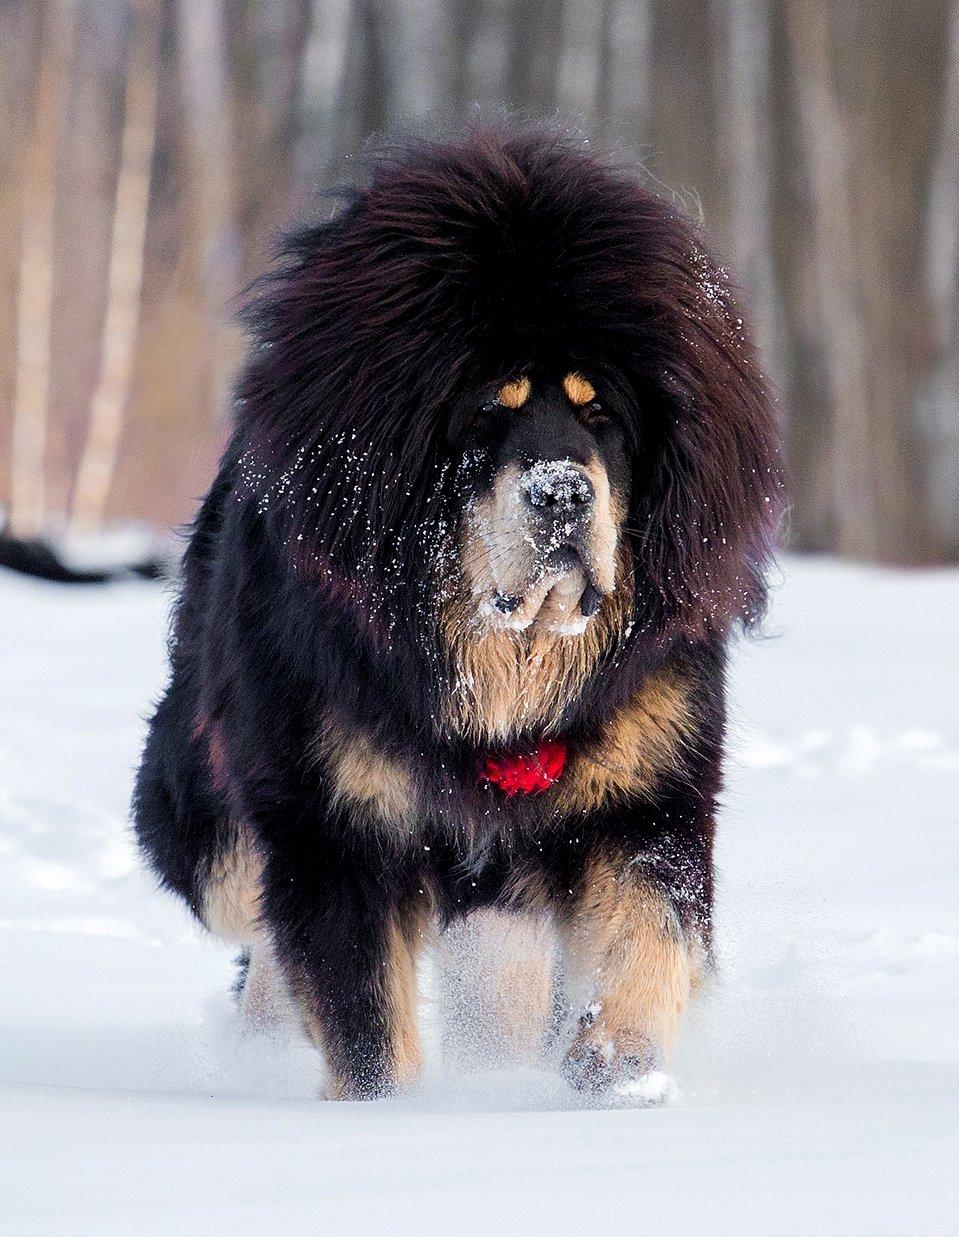 Собаке требуются серьезные физические нагрузки, порода не подÑодит для квартирного содержания.